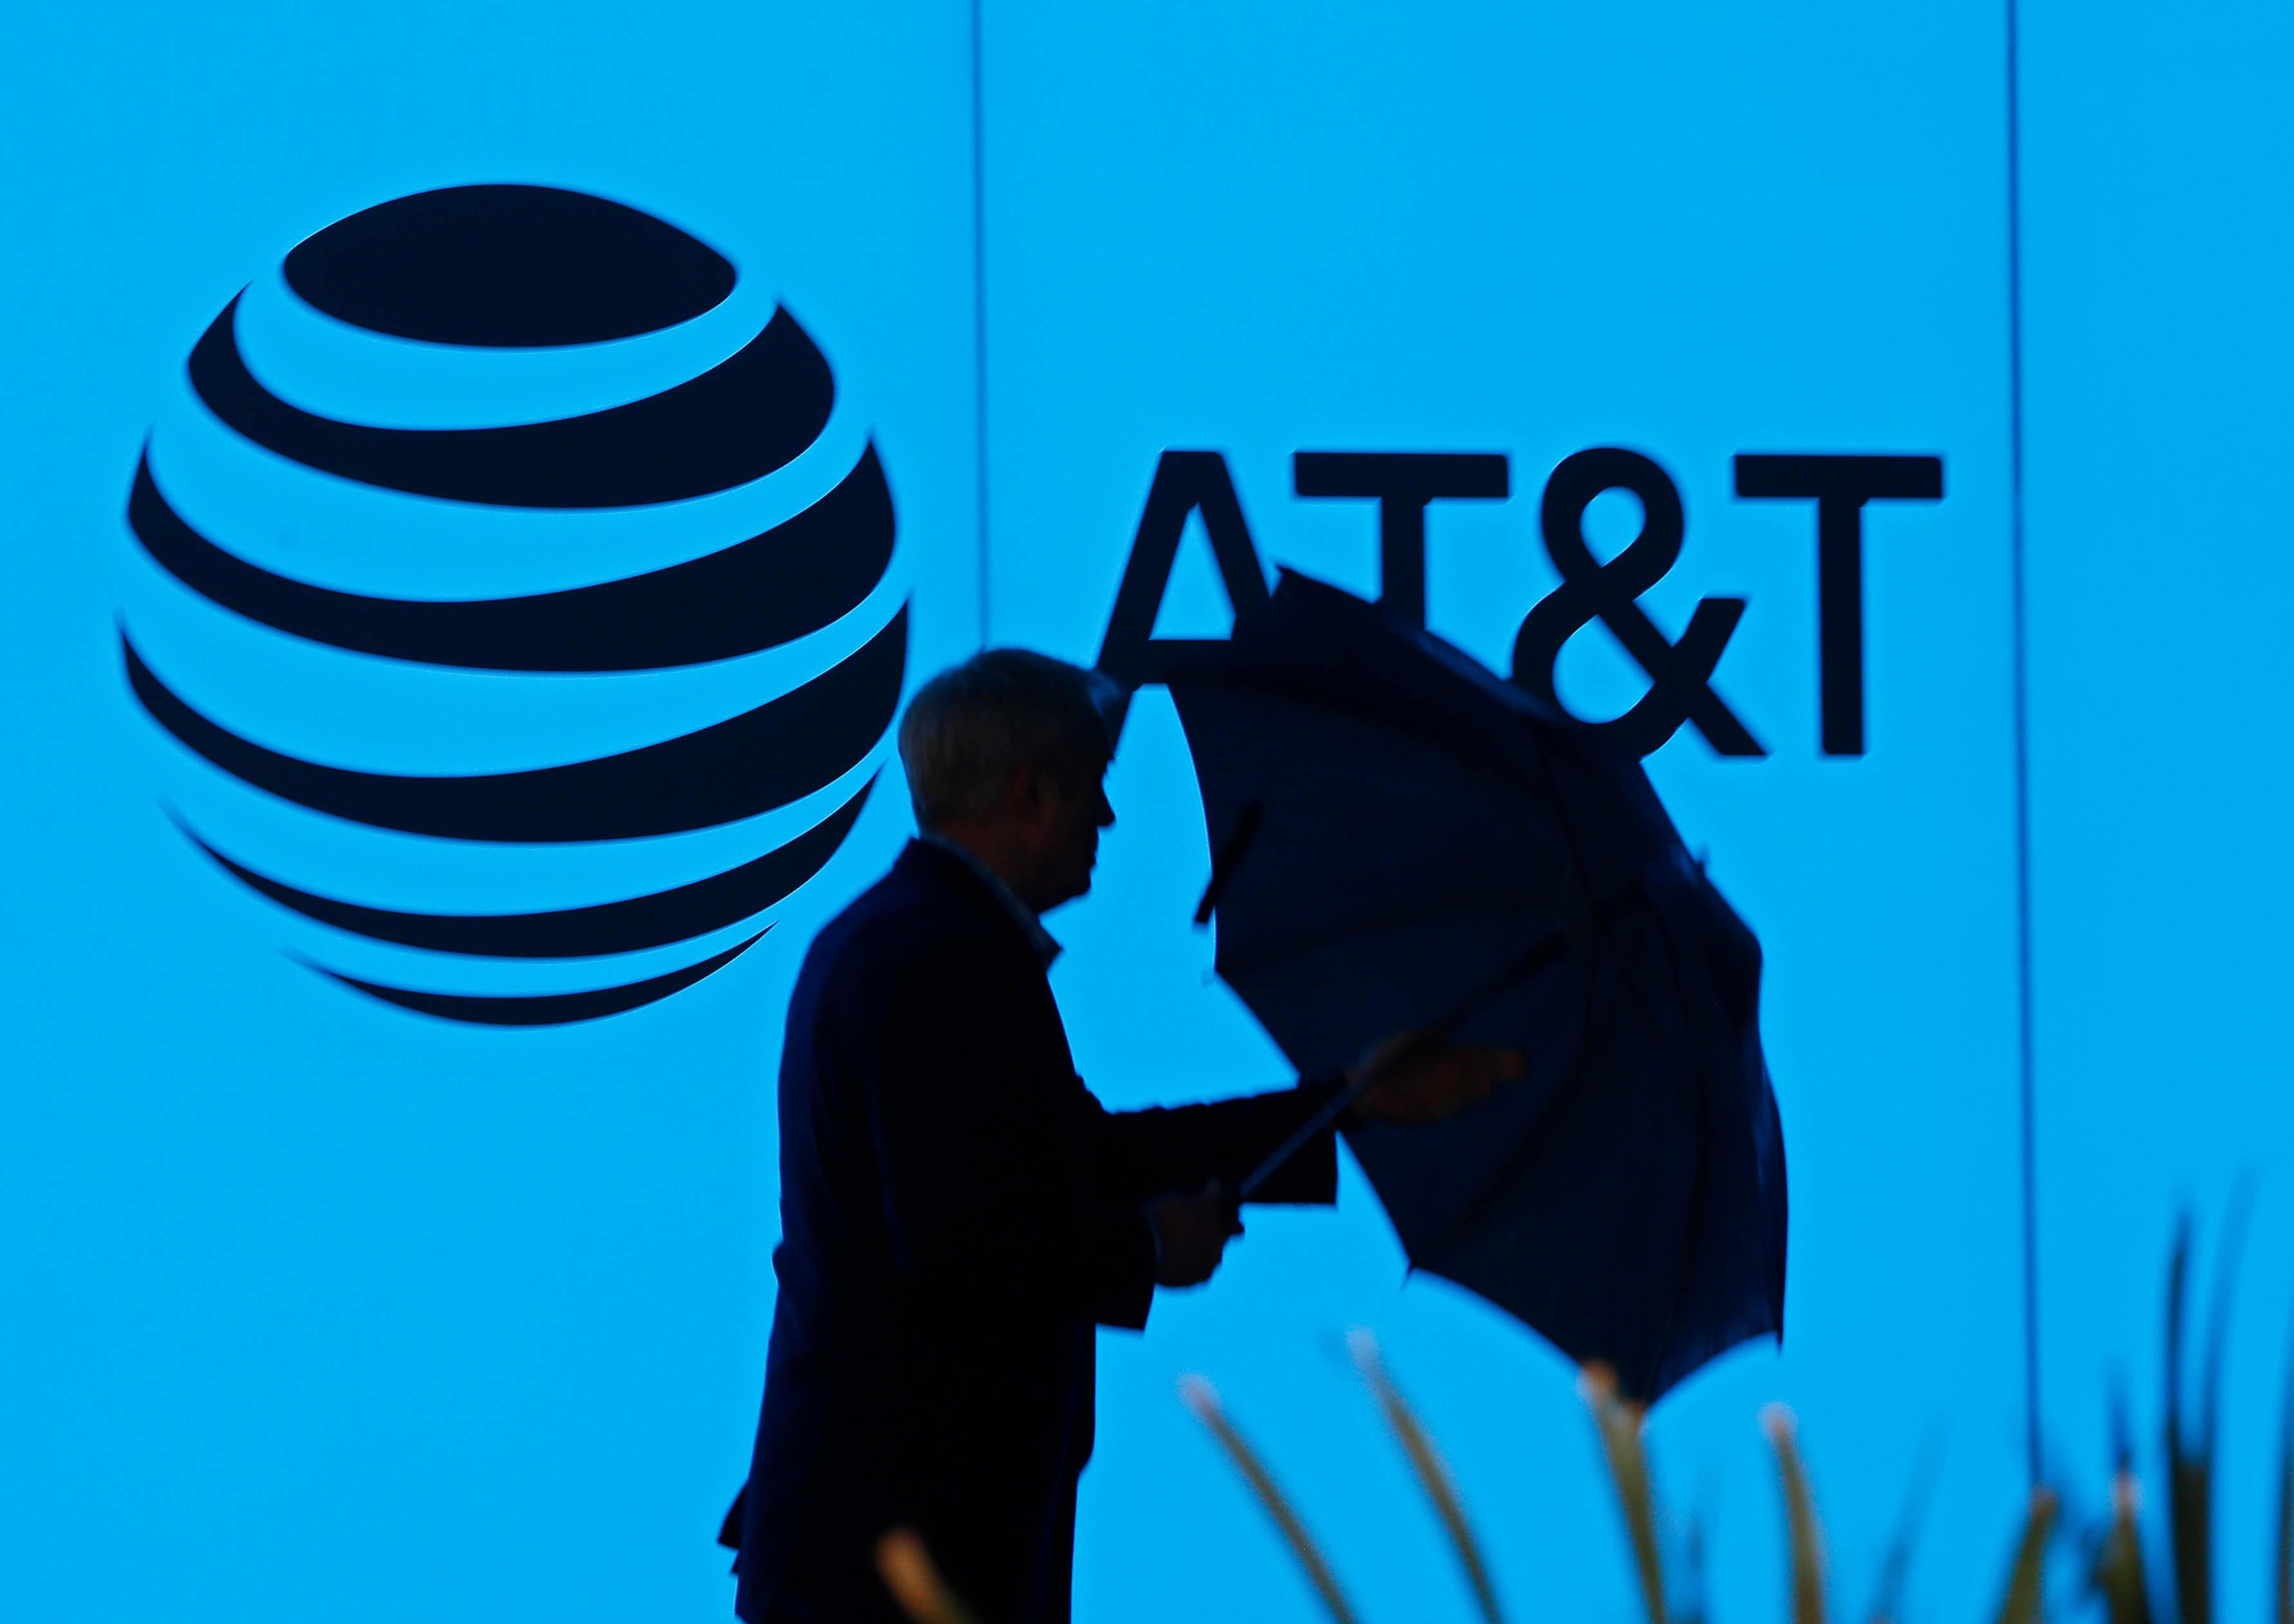 AT&T:n logo yhtiön pääkonttorilla